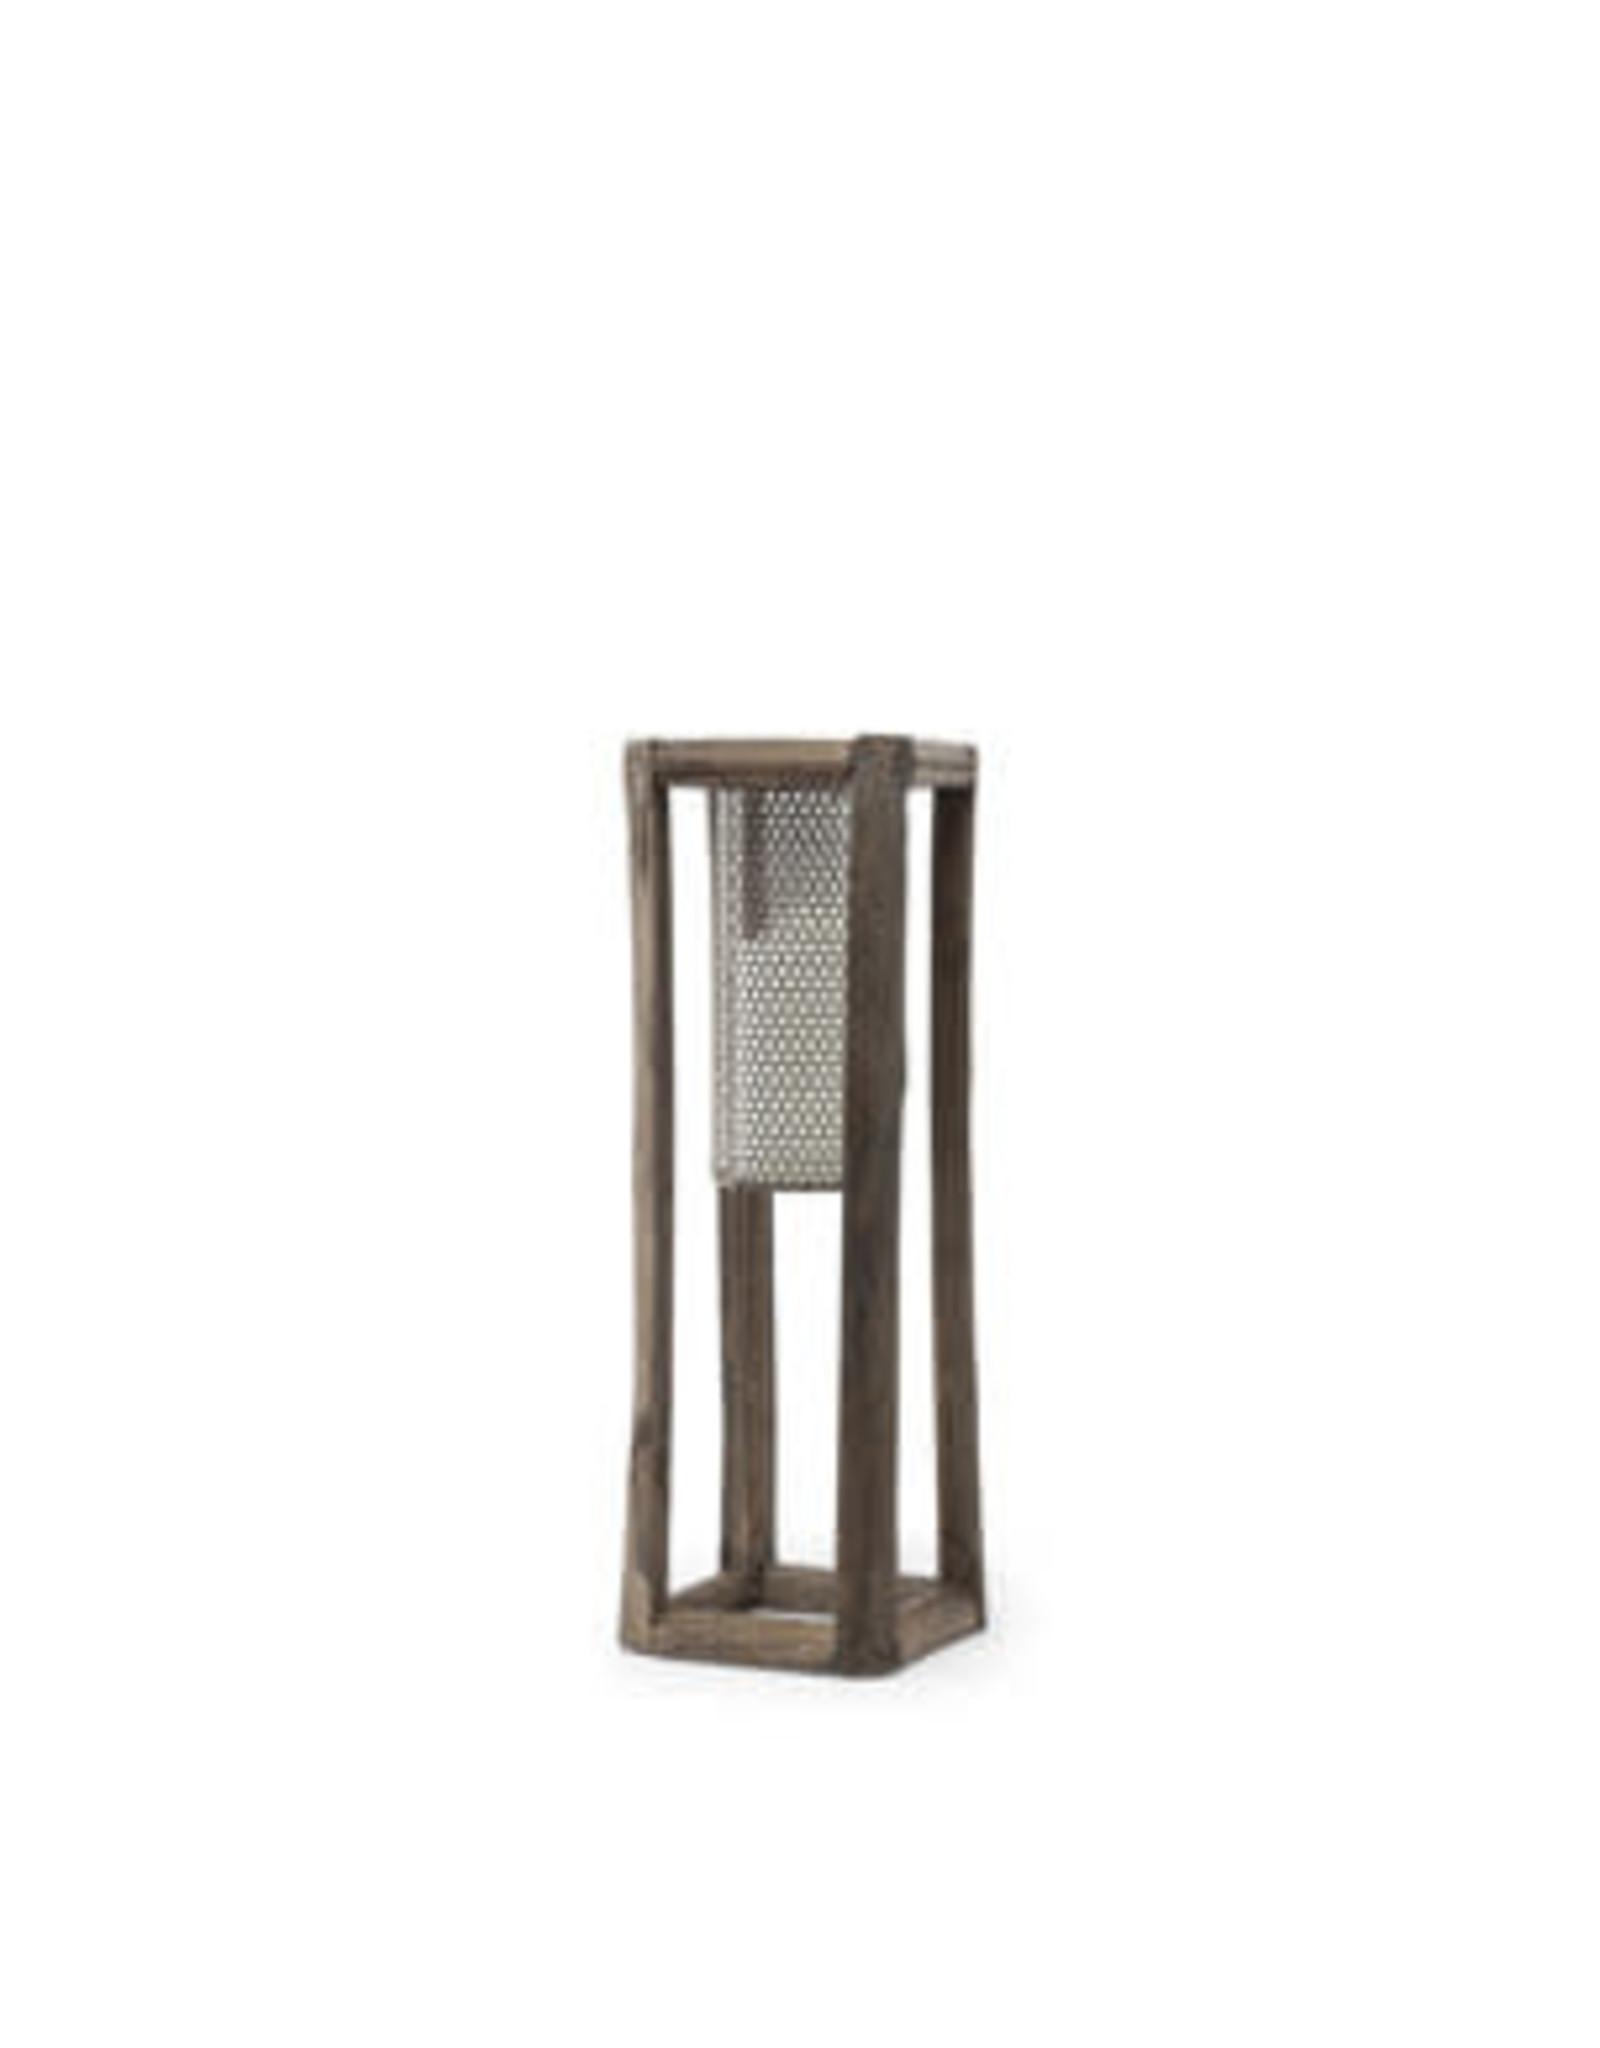 Porte-chandelle en bois et métal brun petit - Rowan II